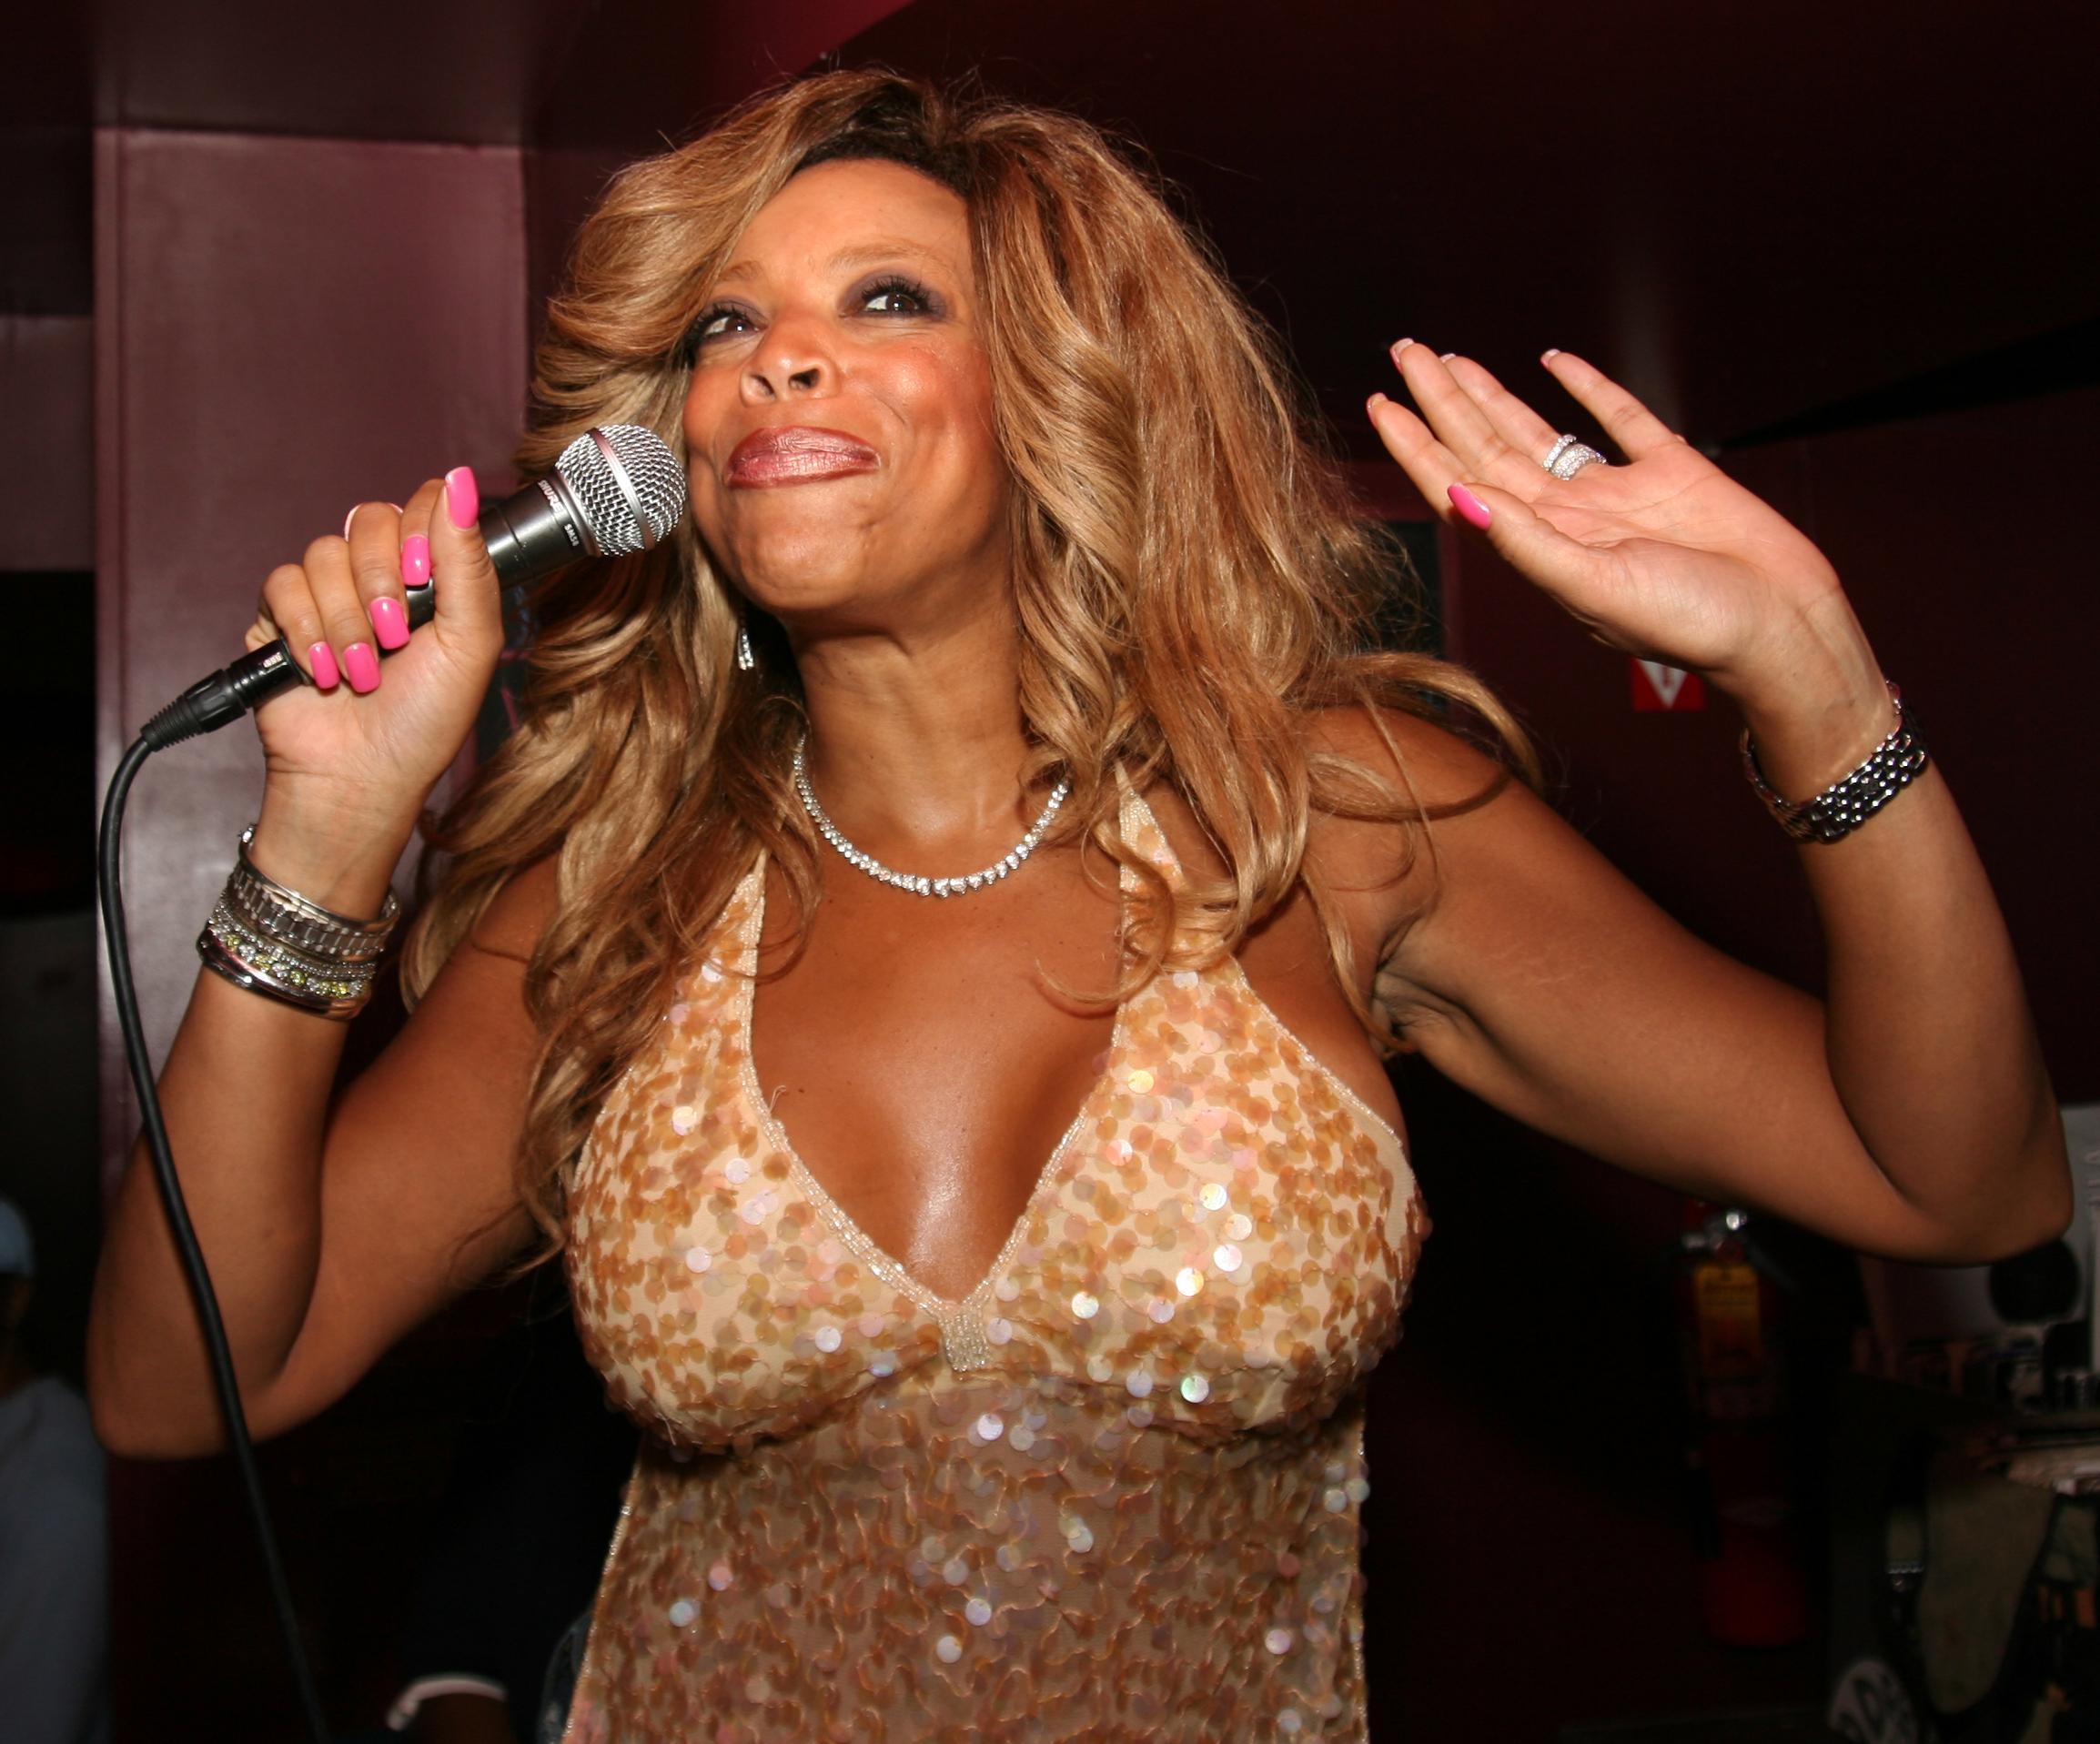 A cantora gostava de se apresentar nua (Foto: Divulgação)